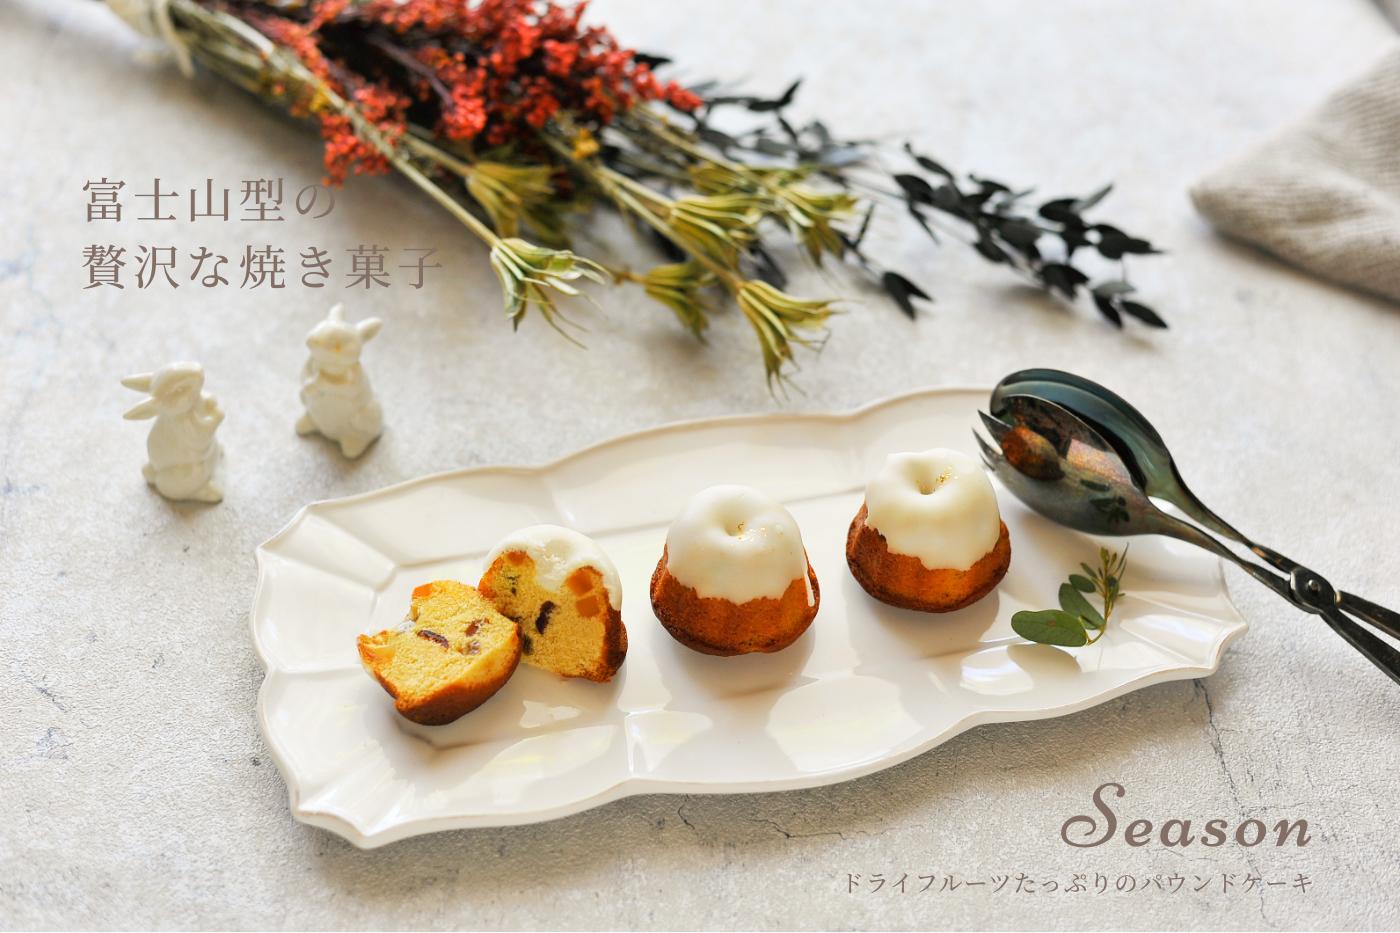 富士山型の贅沢な焼き菓子 ドライフルーツたっぷりのパウンドケーキ